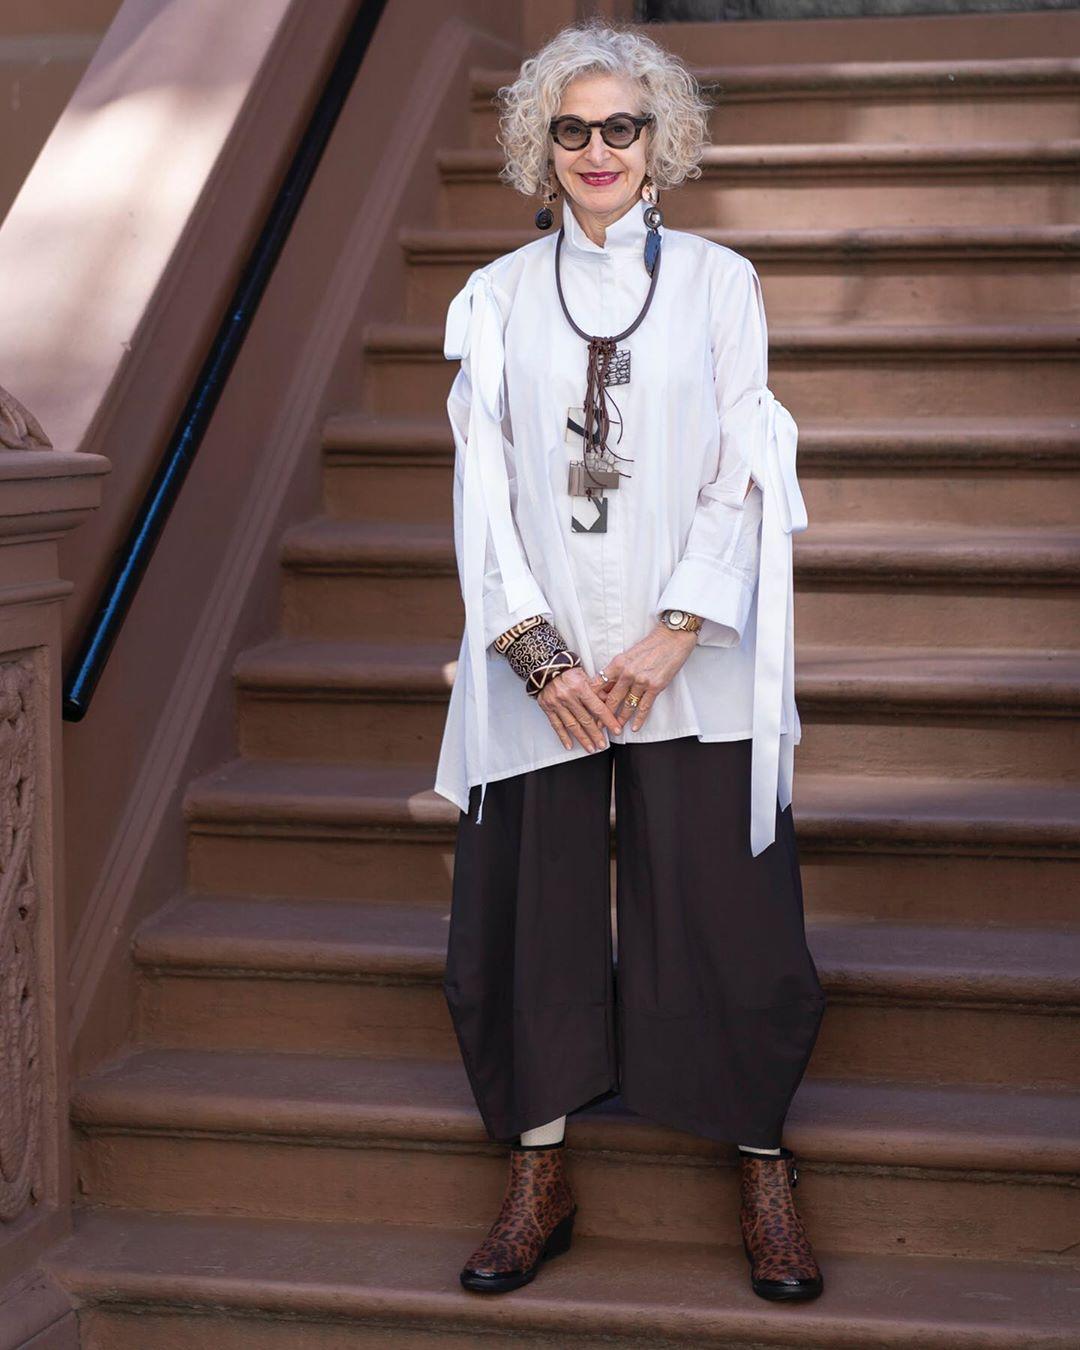 Бохо стиль: 14 ярких, оригинальных образов для женщины элегантного возраста фото5